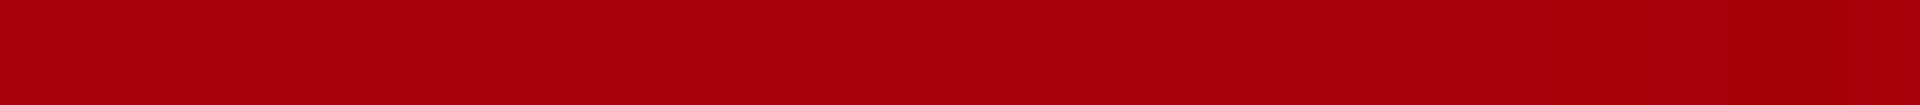 StudioSuite_1920x105